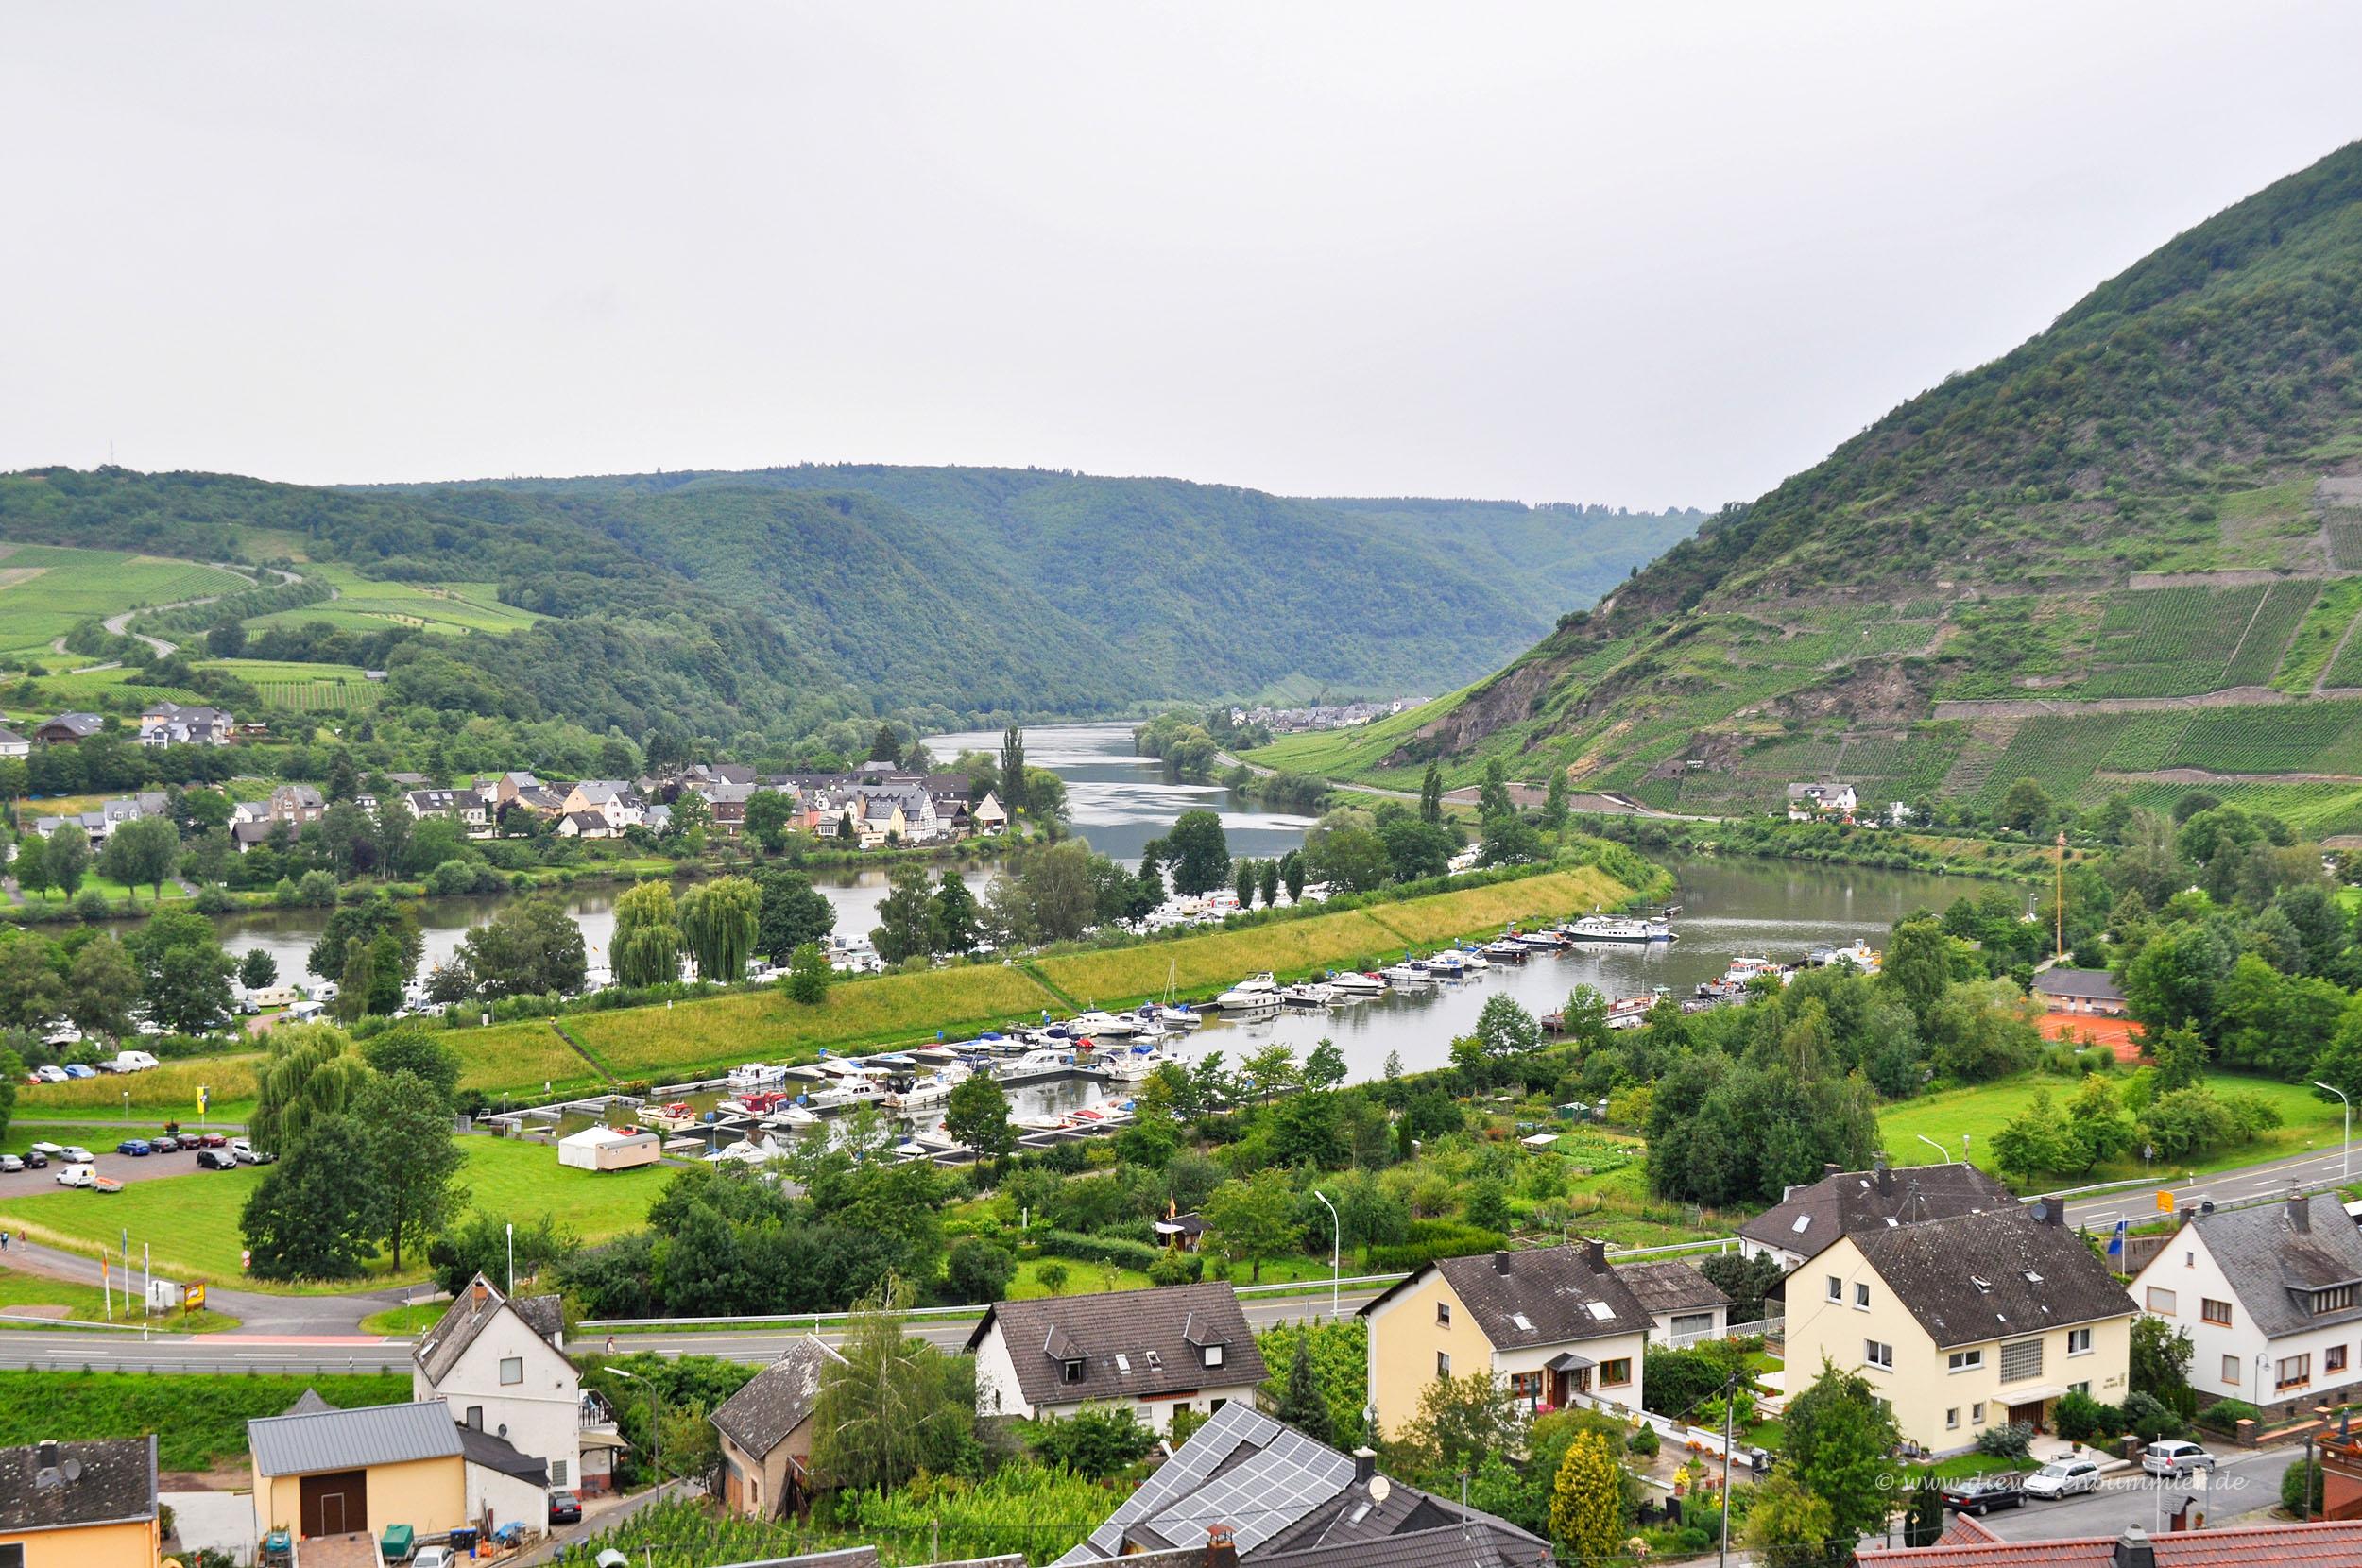 Wanderung oberhalb von Senheim